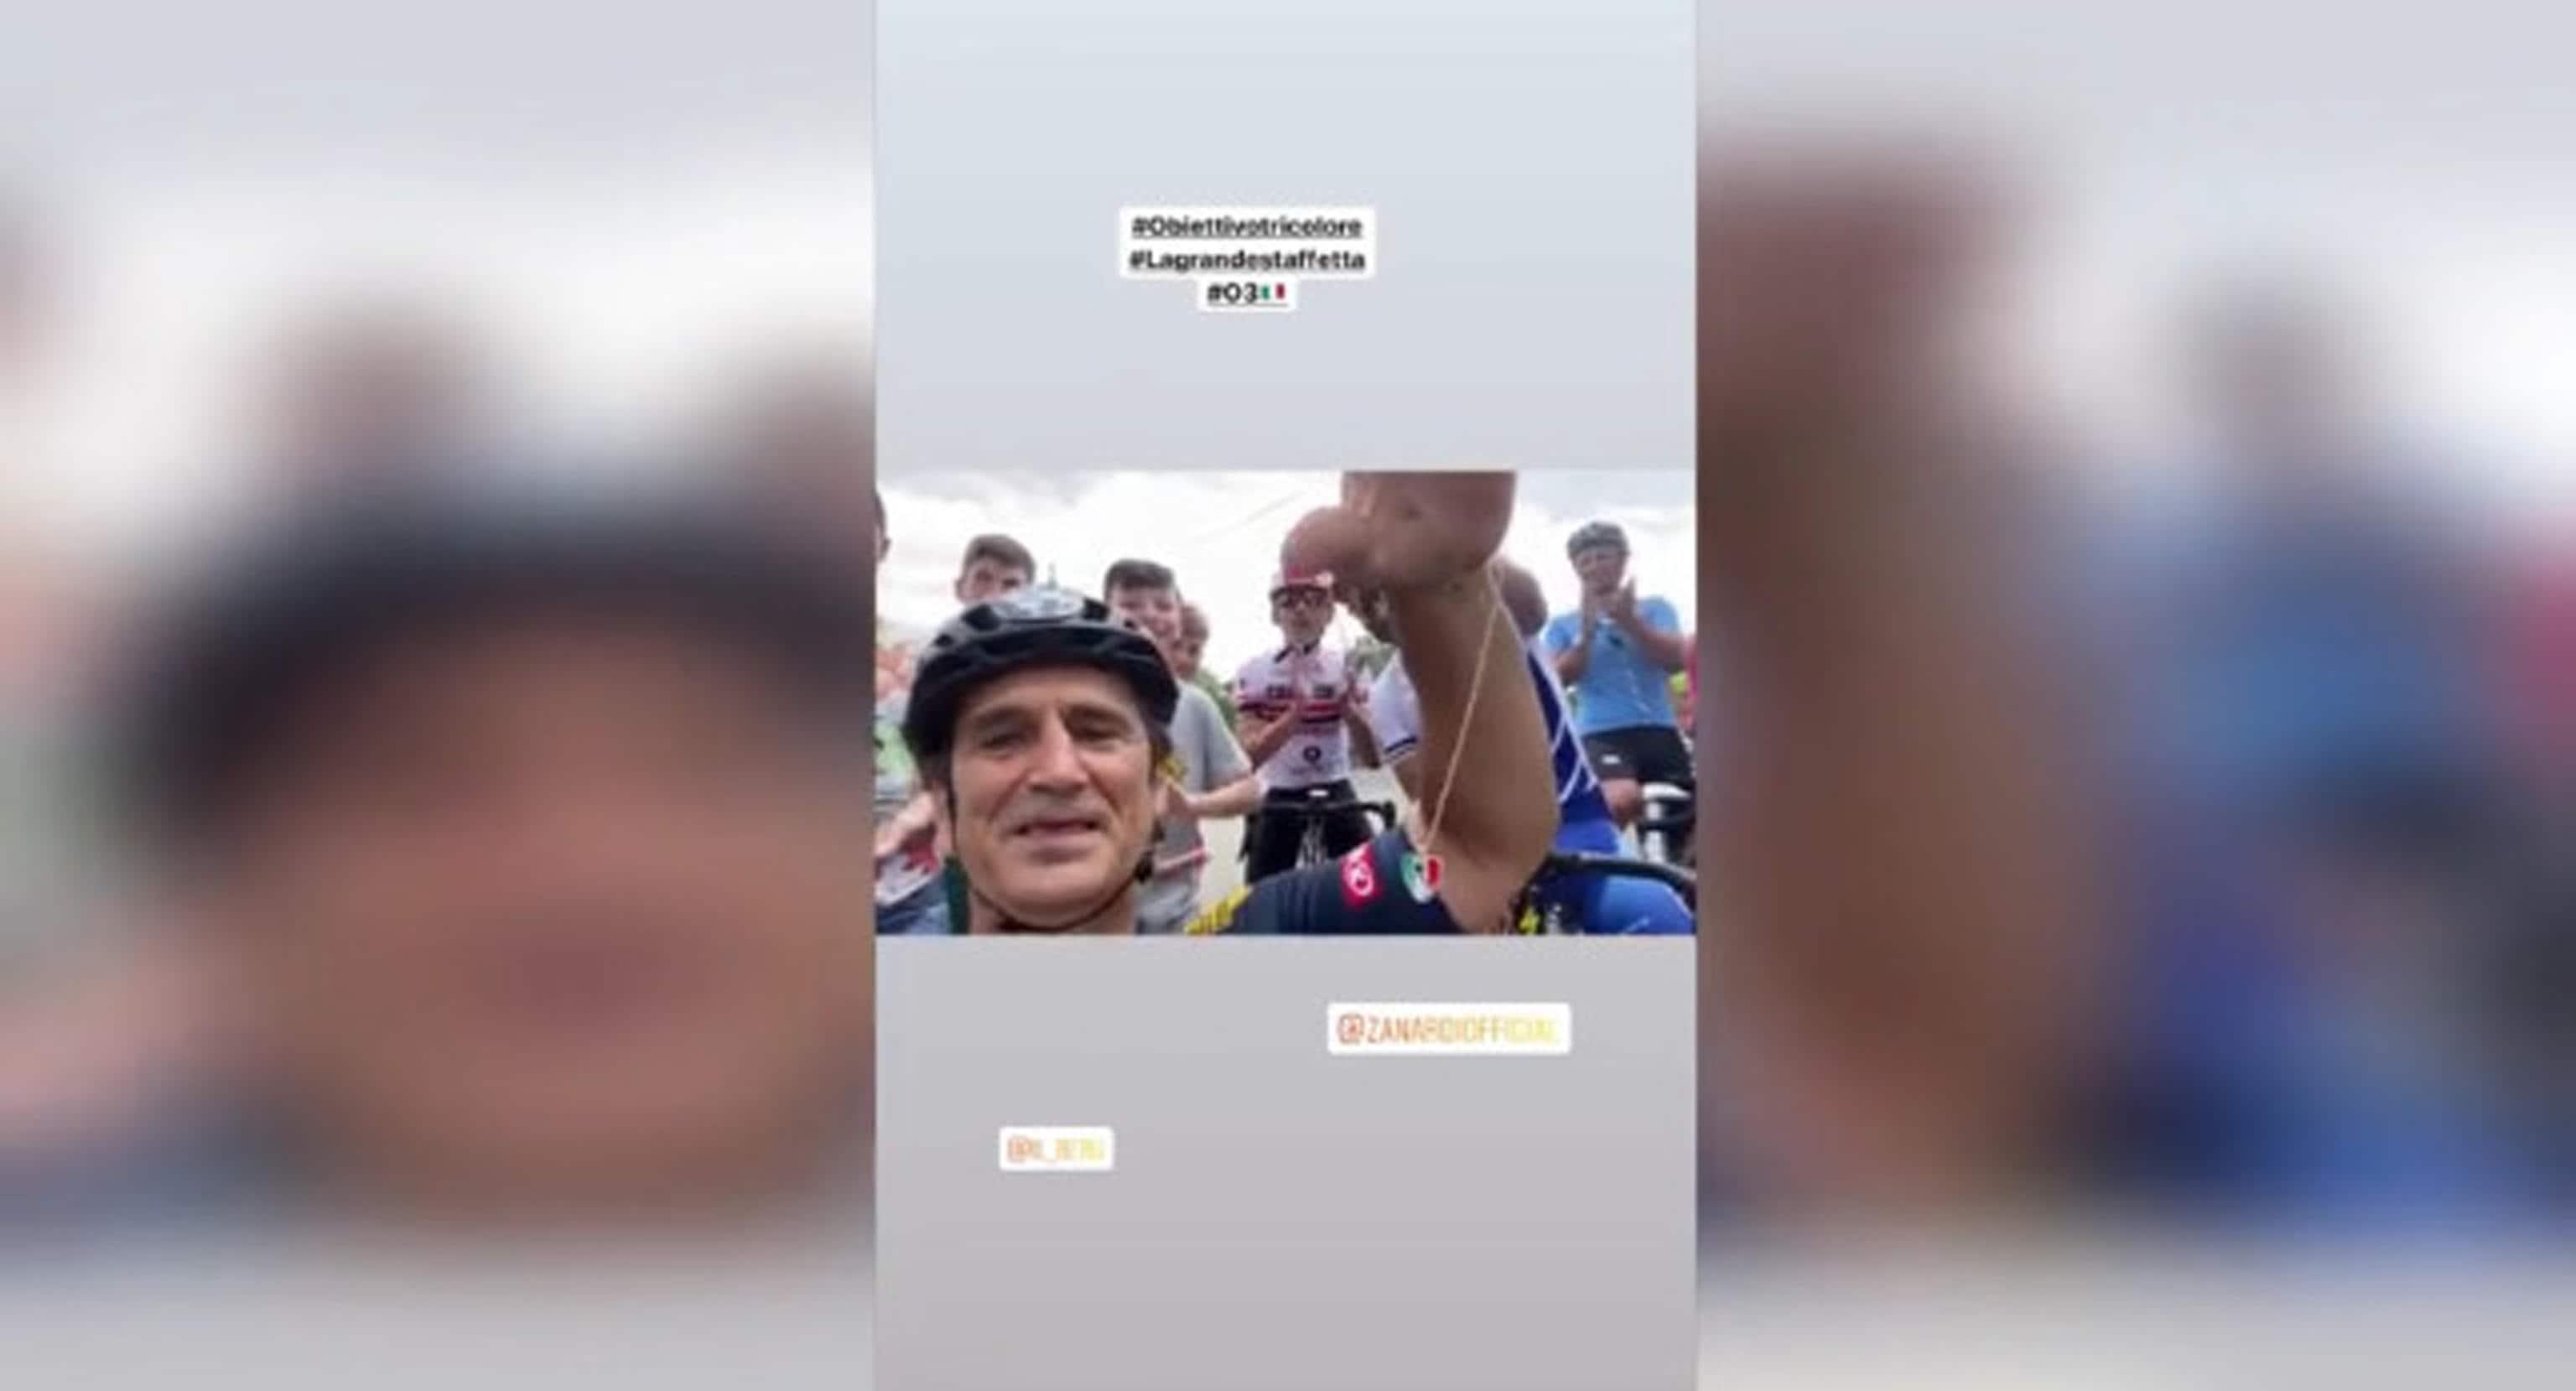 """Un post tratto dal profilo Instagram di Alex Zanardi:""""Siamo arrivati a Brolio"""": con un video postato su Instagram Alex Zanardi ha ringraziato gli abitanti della frazione di Castiglion Fiorentino, in provincia di Arezzo, tappa della sua Staffetta tricolore. """"Solo in Italia accadono certe cose"""", ha detto l'atleta paralimpico mostrando un ciondolo a forma di cuore con i colori dell'Italia, omaggio dei residenti che lo hanno accolto all'arrivo. Poco dopo il drammatico incidente vicino a Pienza. INSTAGRAM ALEX ZANARDI +++ATTENZIONE LA FOTO NON PUO' ESSERE PUBBLICATA O RIPRODOTTA SENZA L'AUTORIZZAZIONE DELLA FONTE DI ORIGINE CUI SI RINVIA+++"""